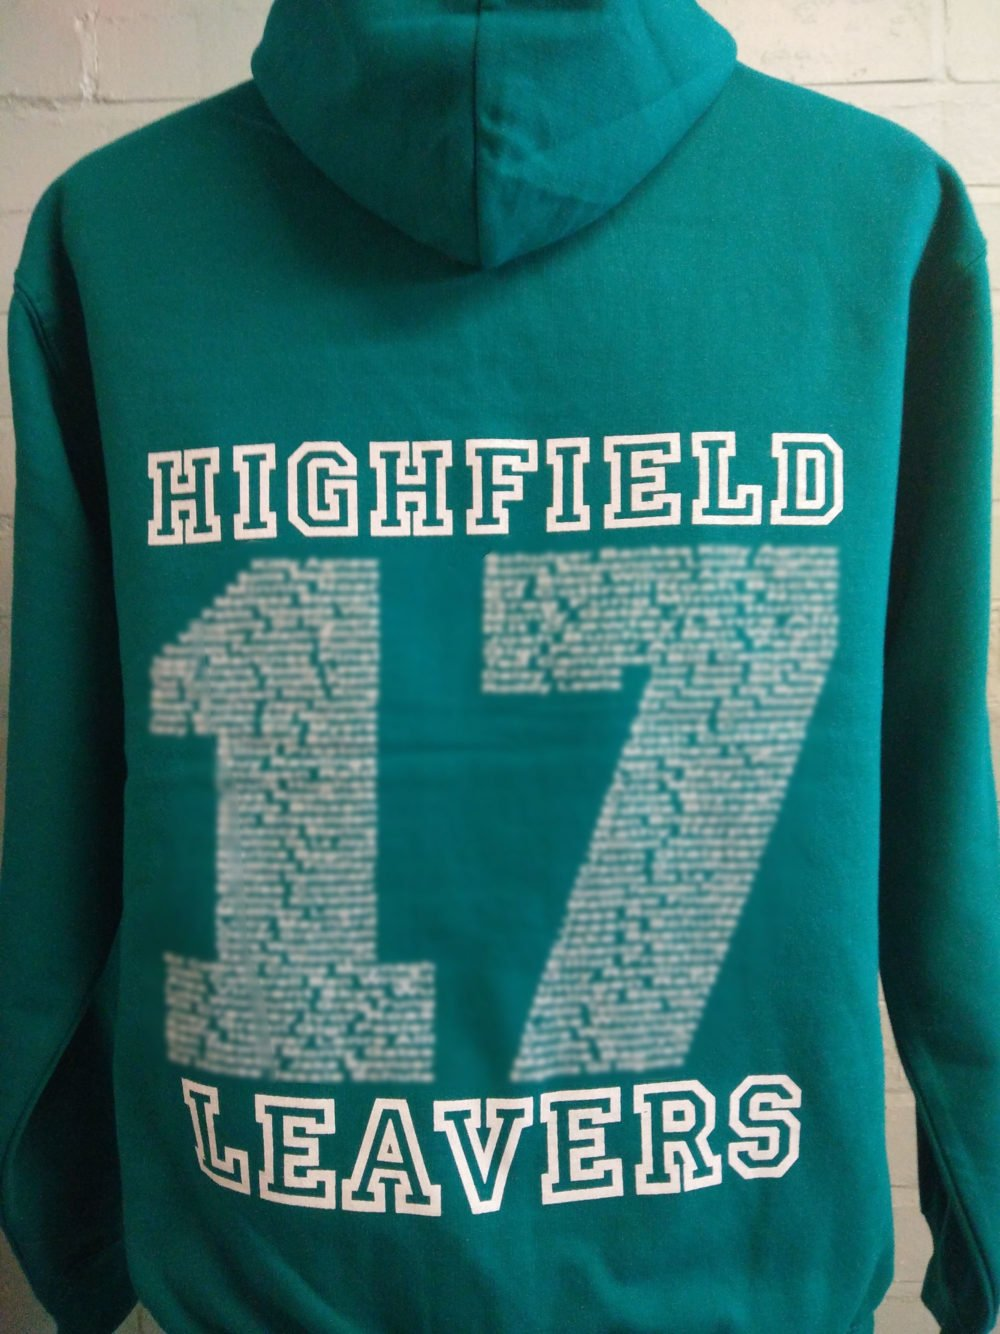 Highfield Green Leavers Hoodies 2017